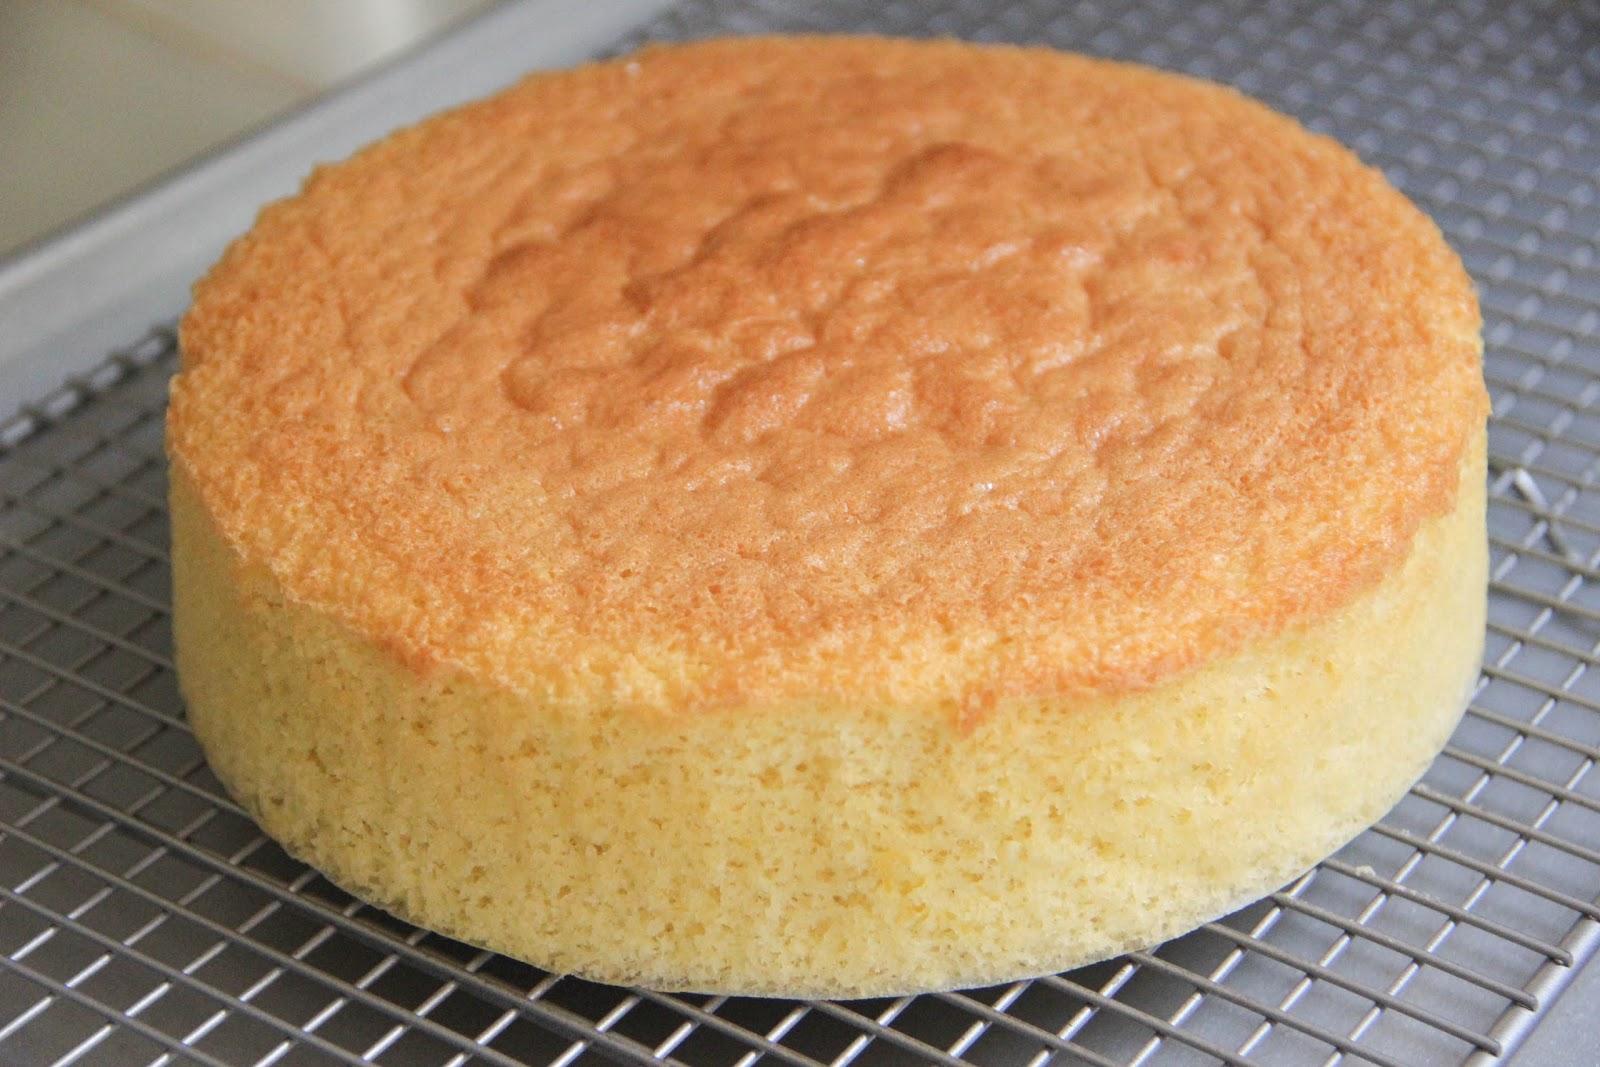 صورة طريقه عمل الكيكه الاسفنجيه , اسهل طريقة عمل كيك